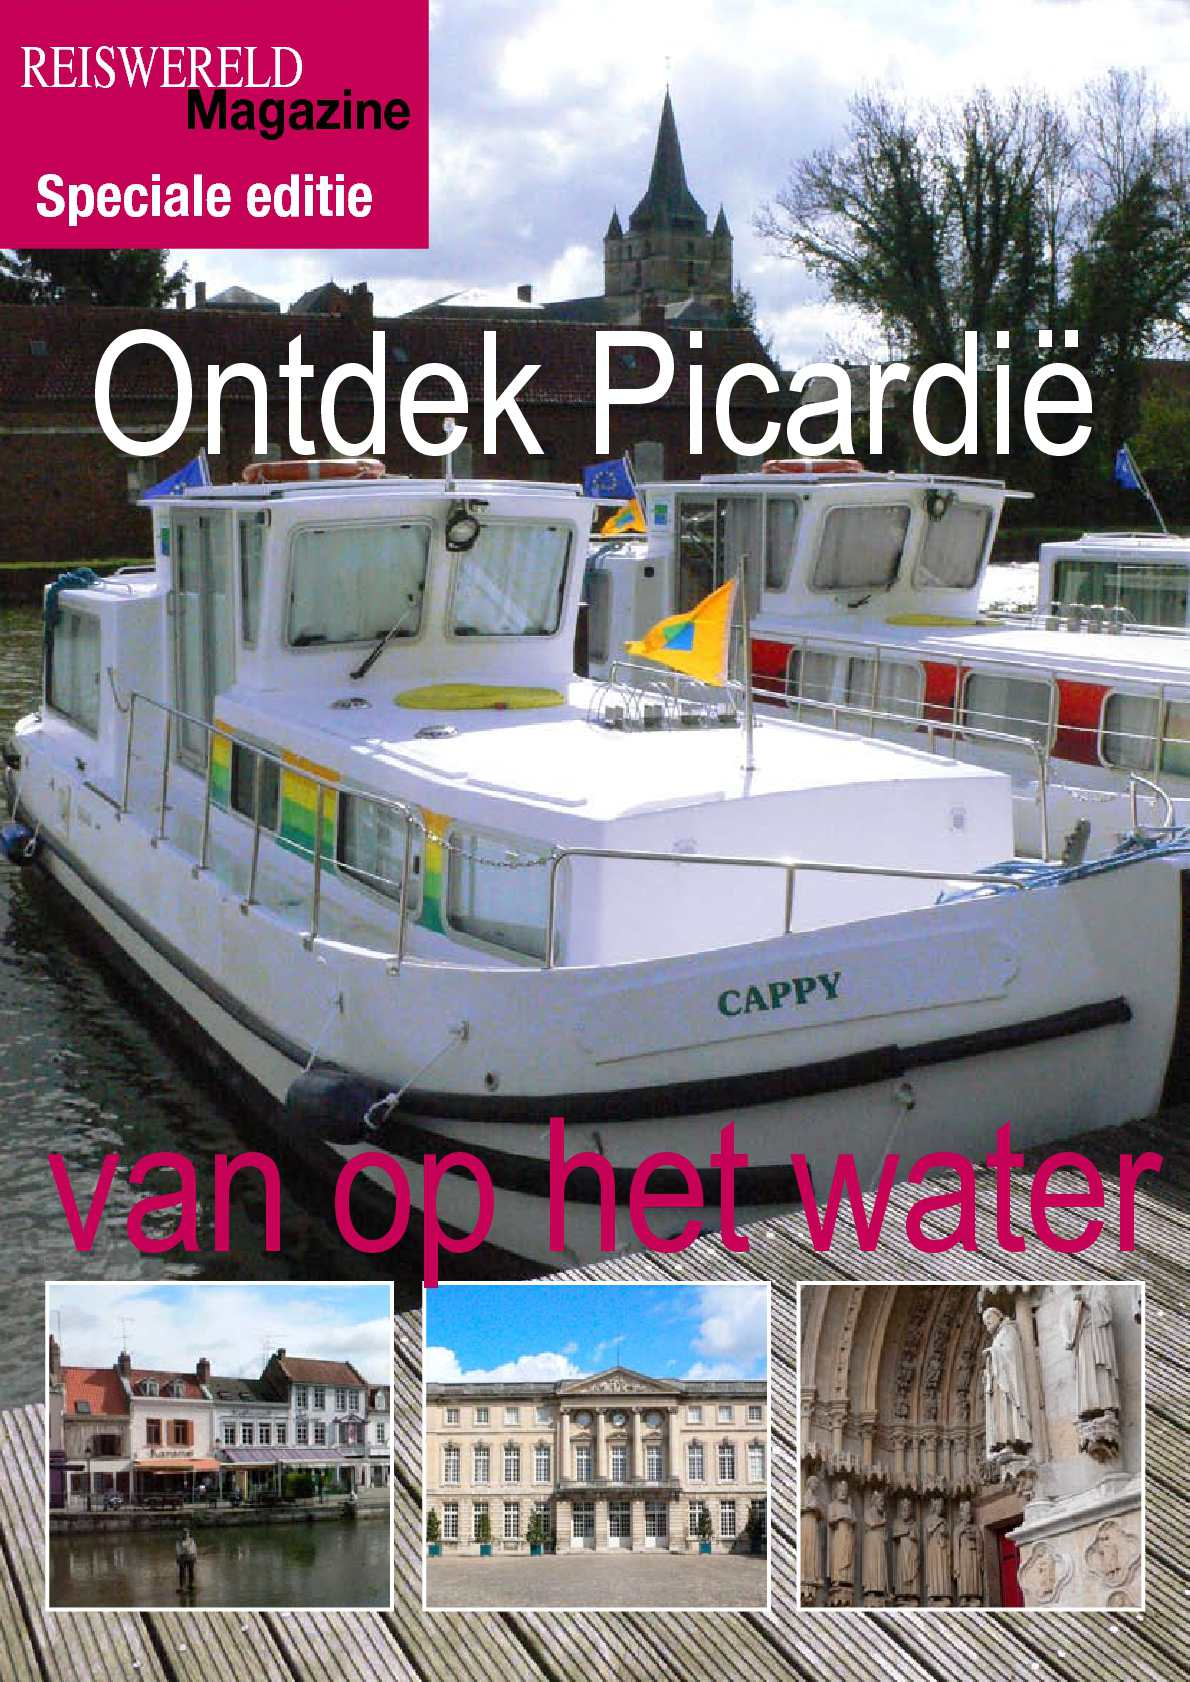 Ontdek Picardië van op het water: reportage van Reiswereldmagazine.be